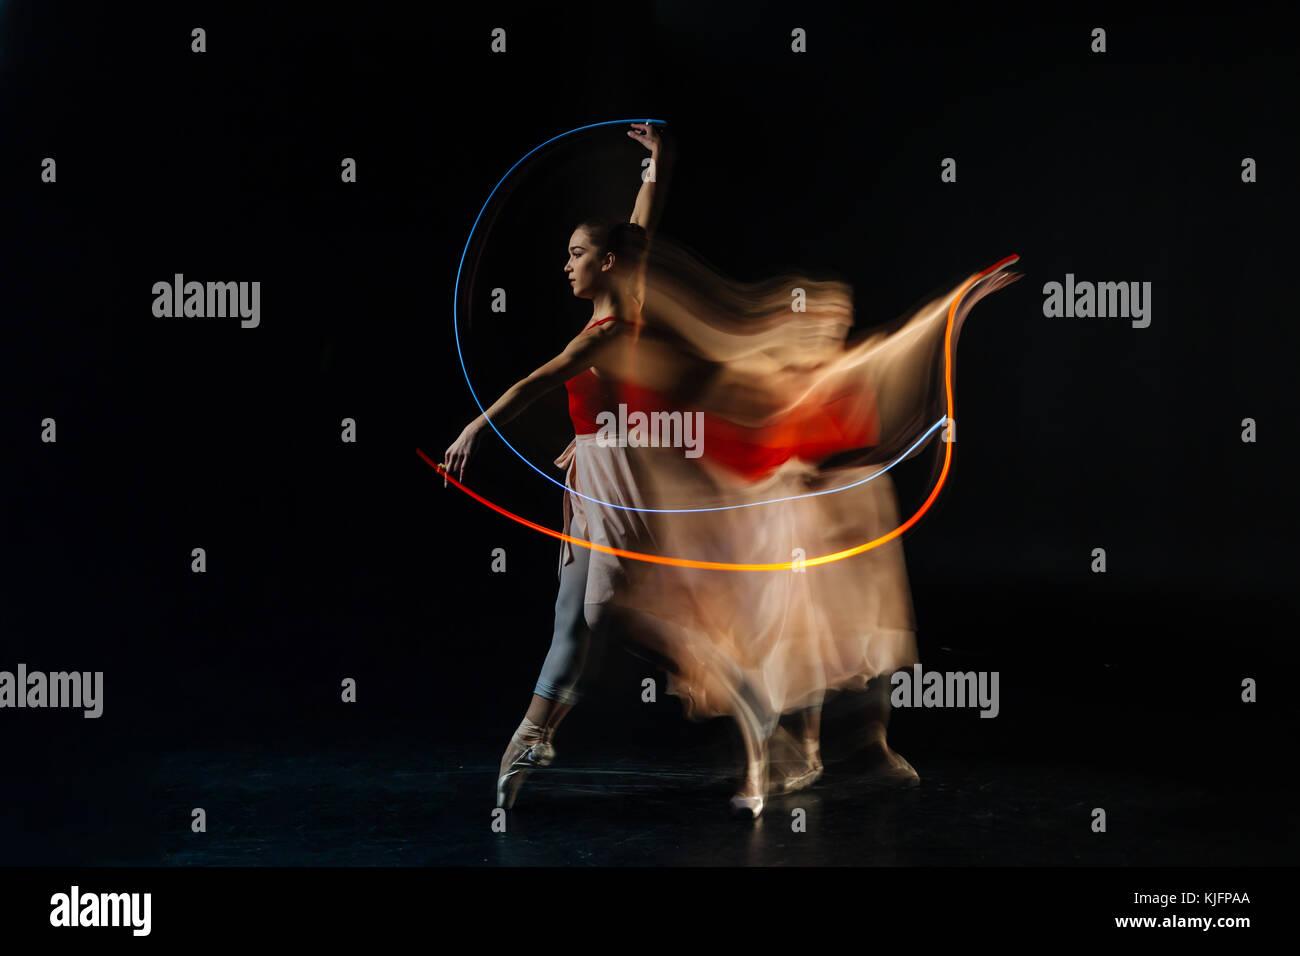 Gravi e costruito la ballerina la pratica dei suoi movimenti Immagini Stock